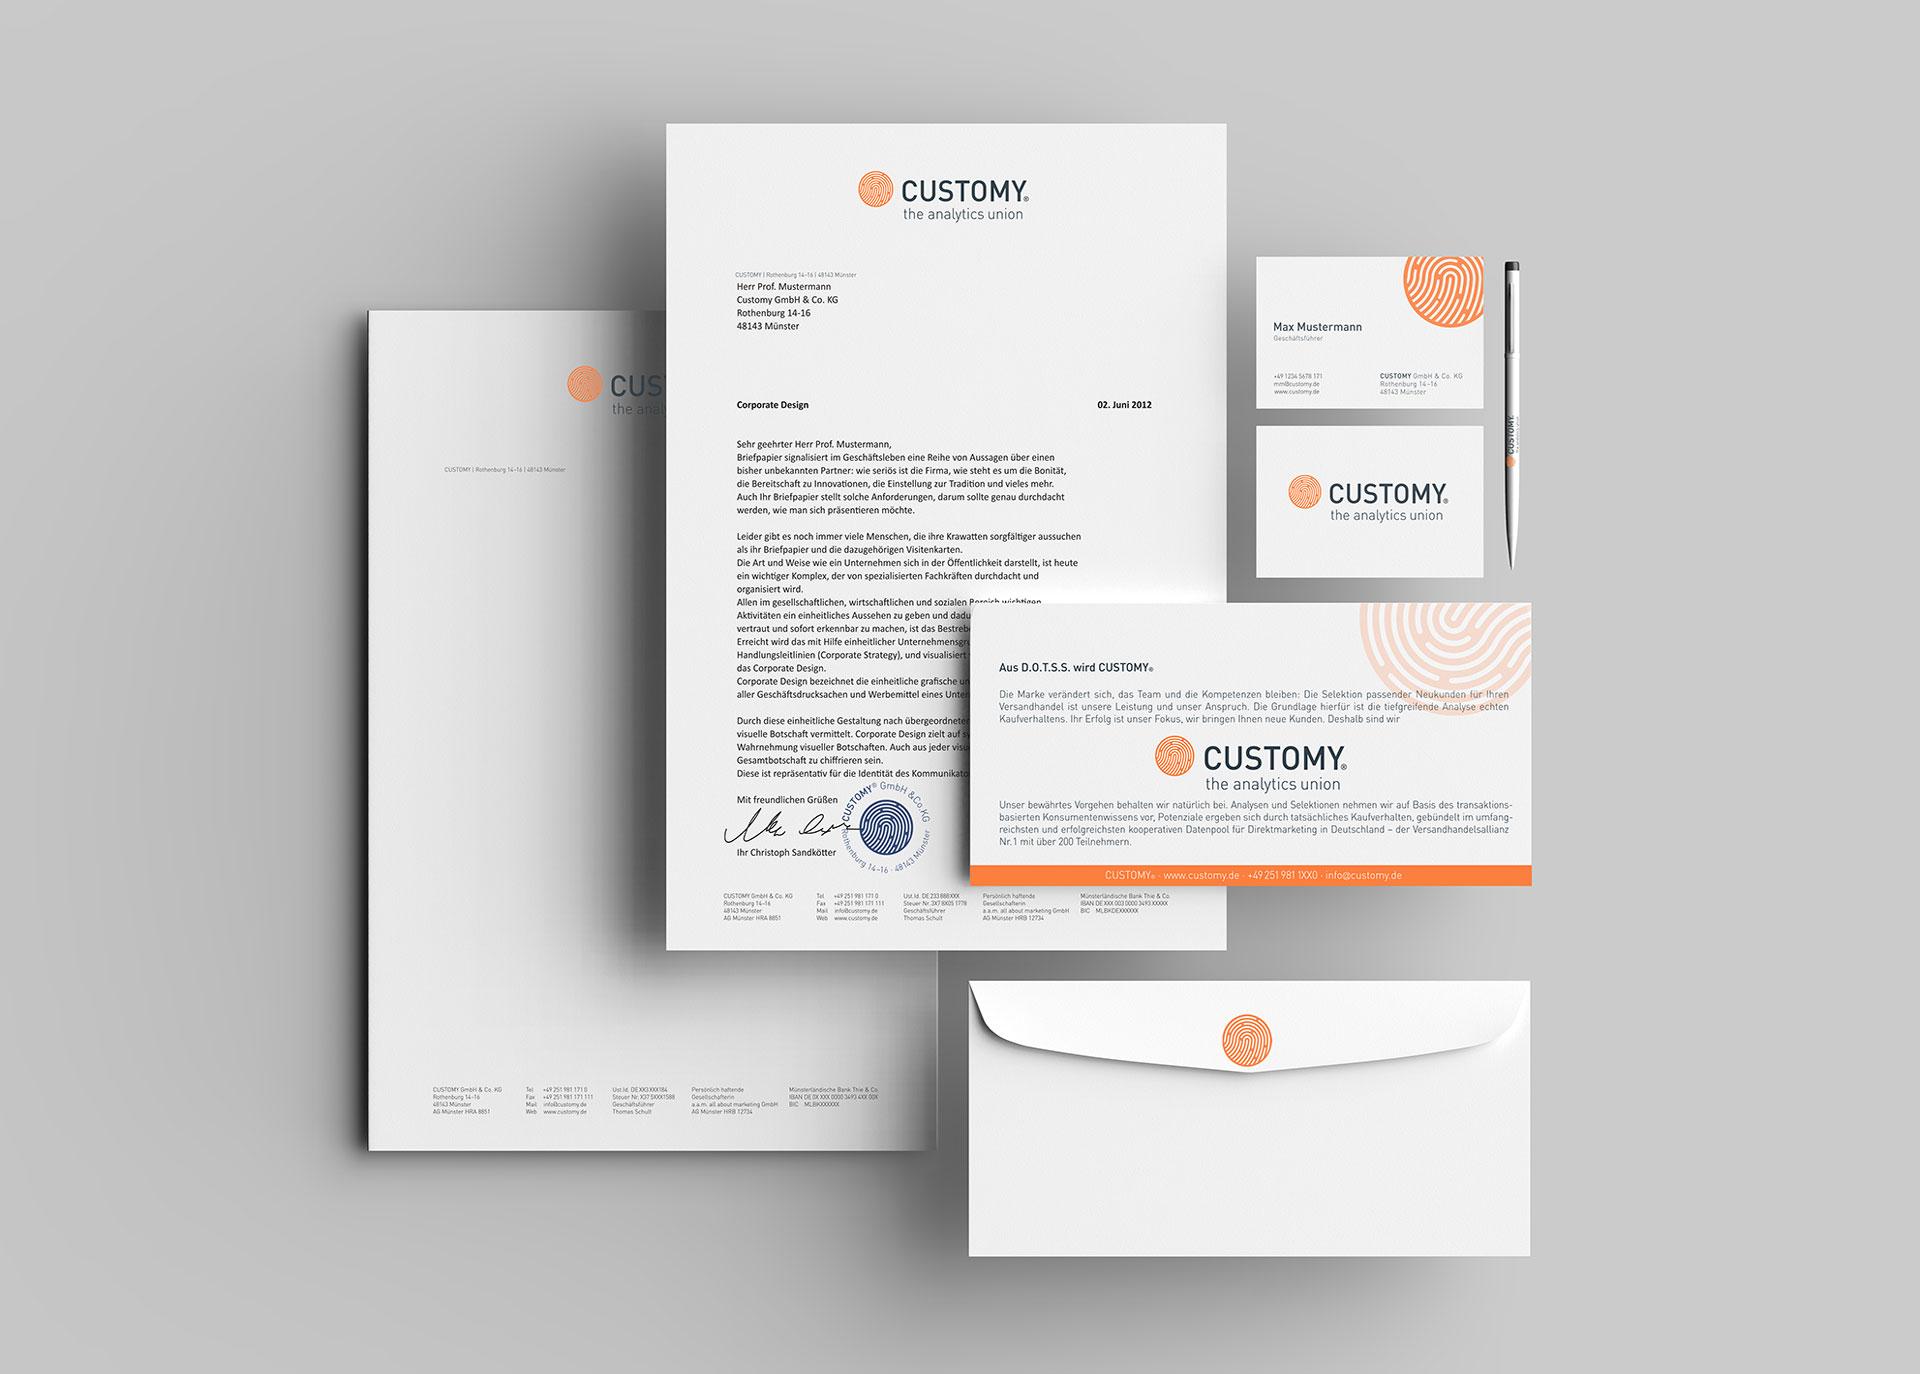 Hochwertige Briefbögen, Visitenkarten, Postkarten und Stifte passend zum Corporate Design und Branding